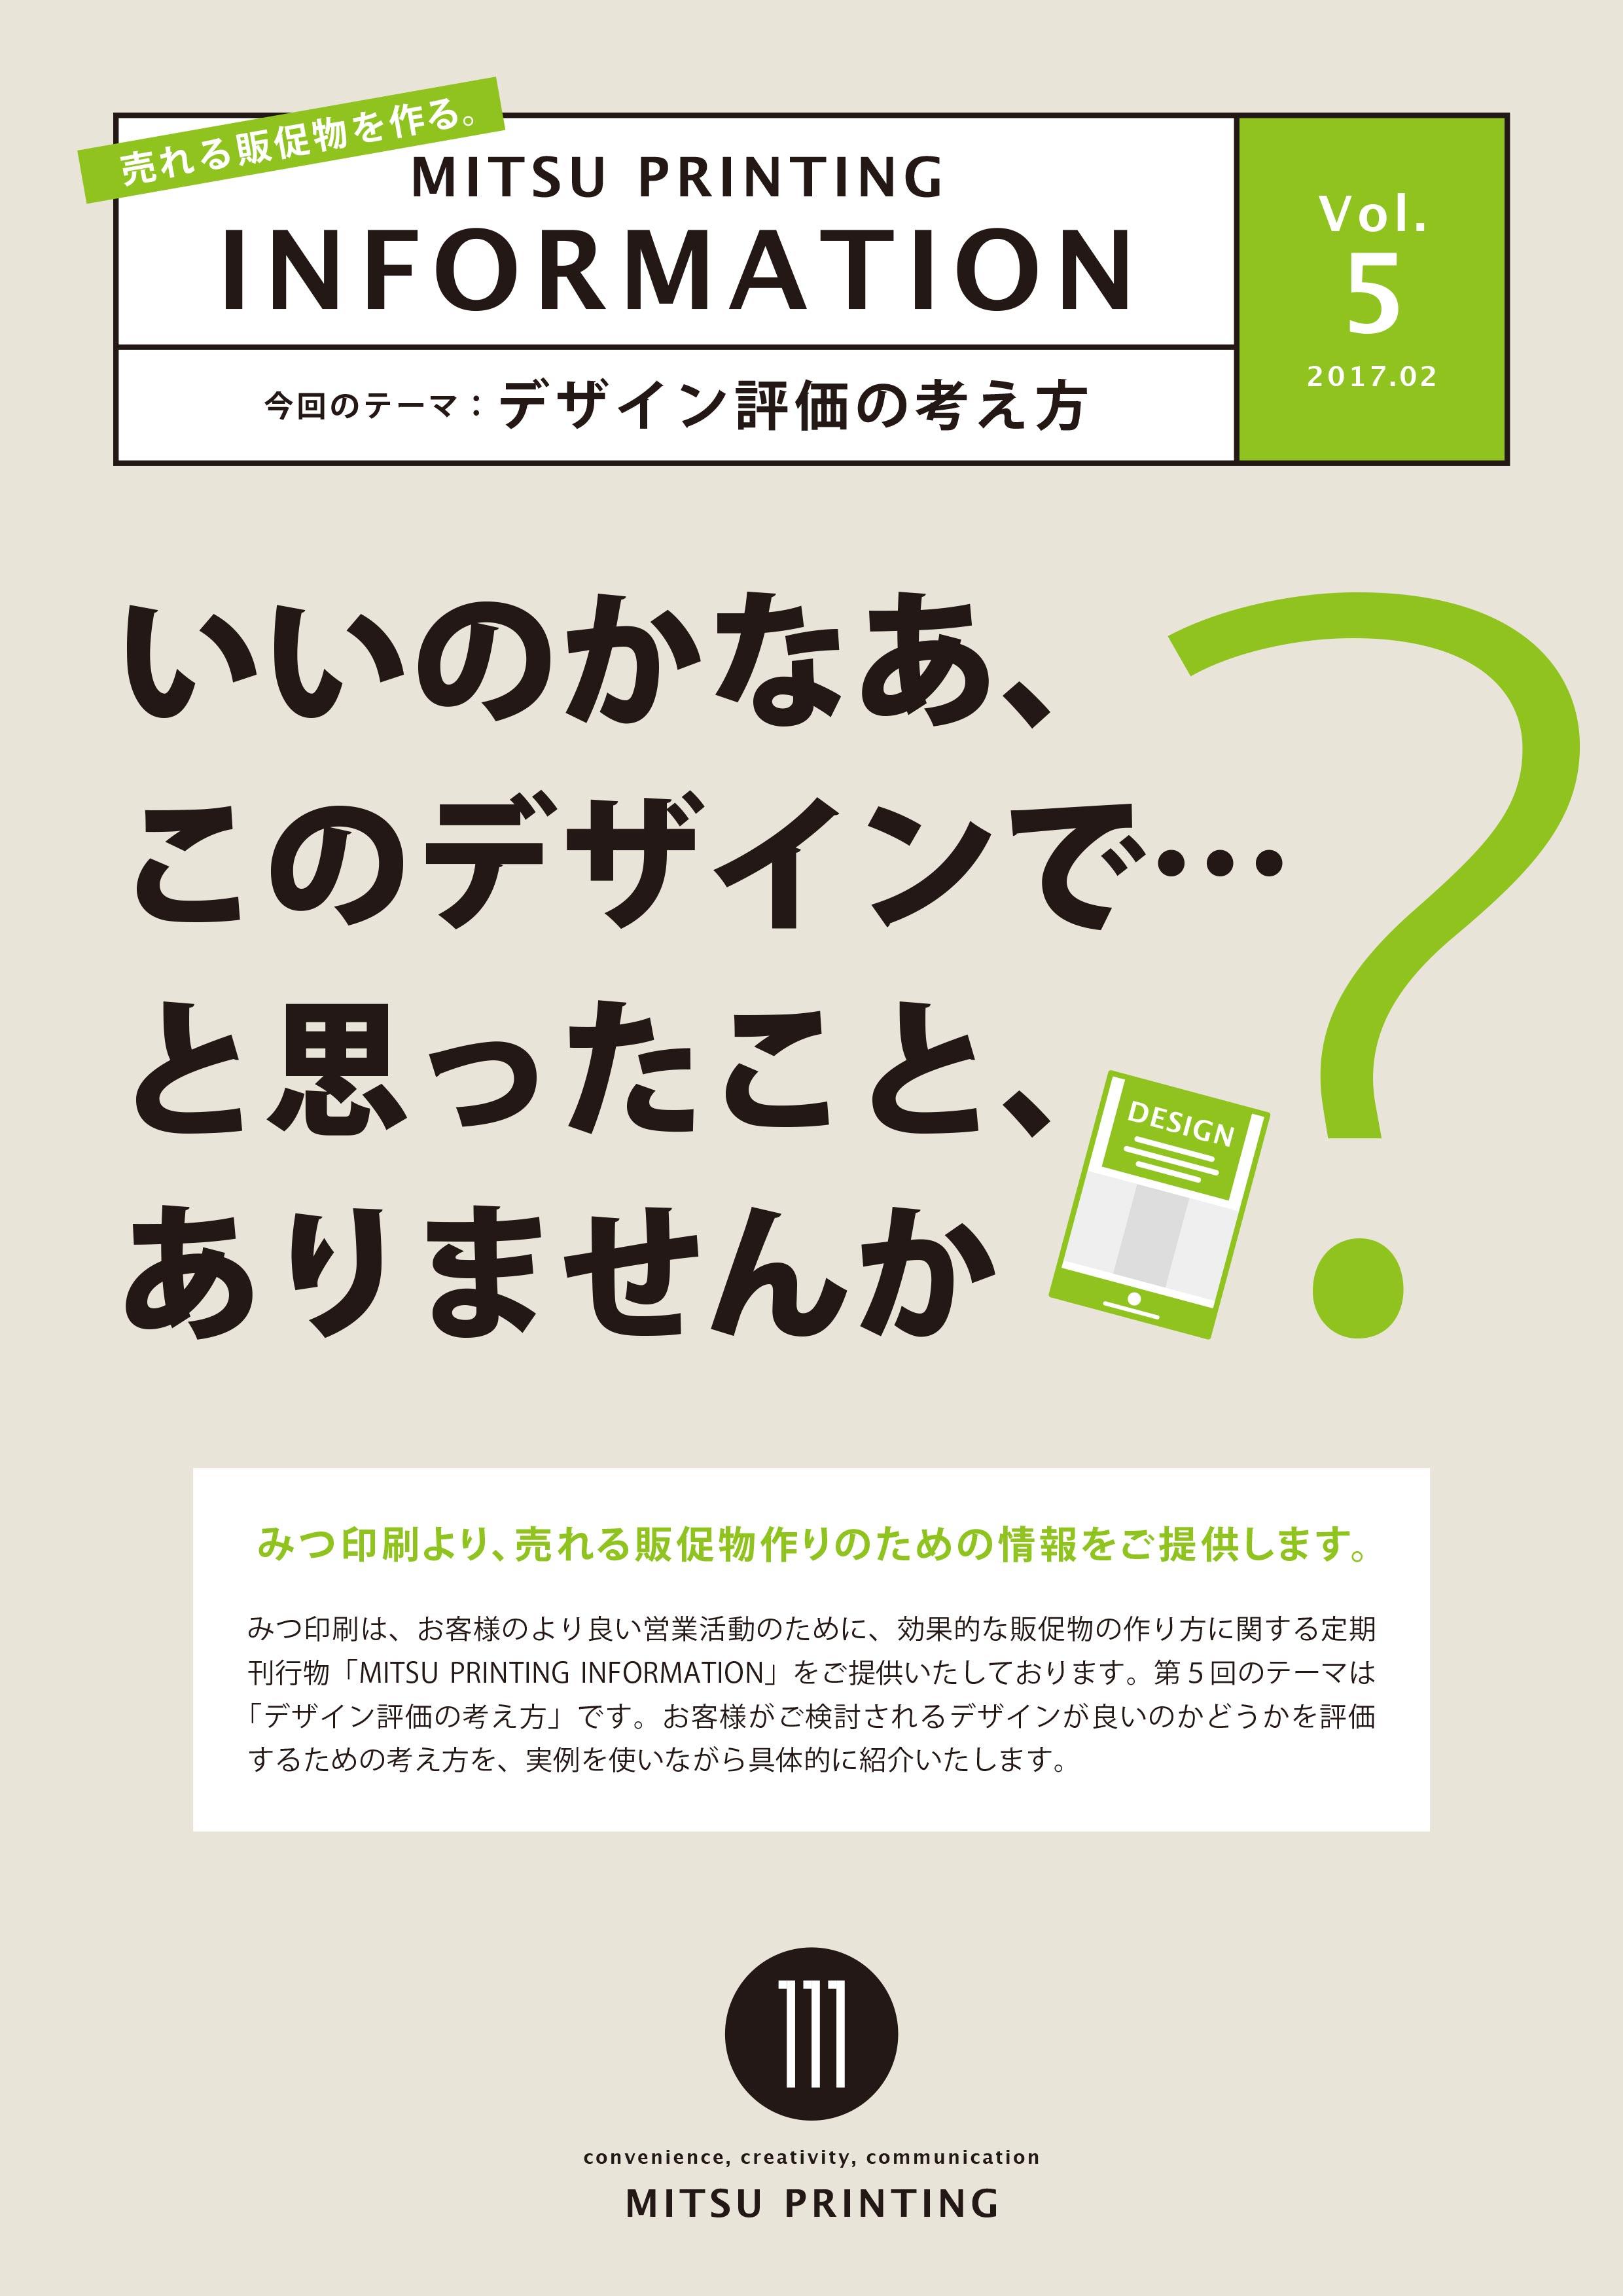 Mitsu Printing Information Vol.5 「デザイン評価の考え方」